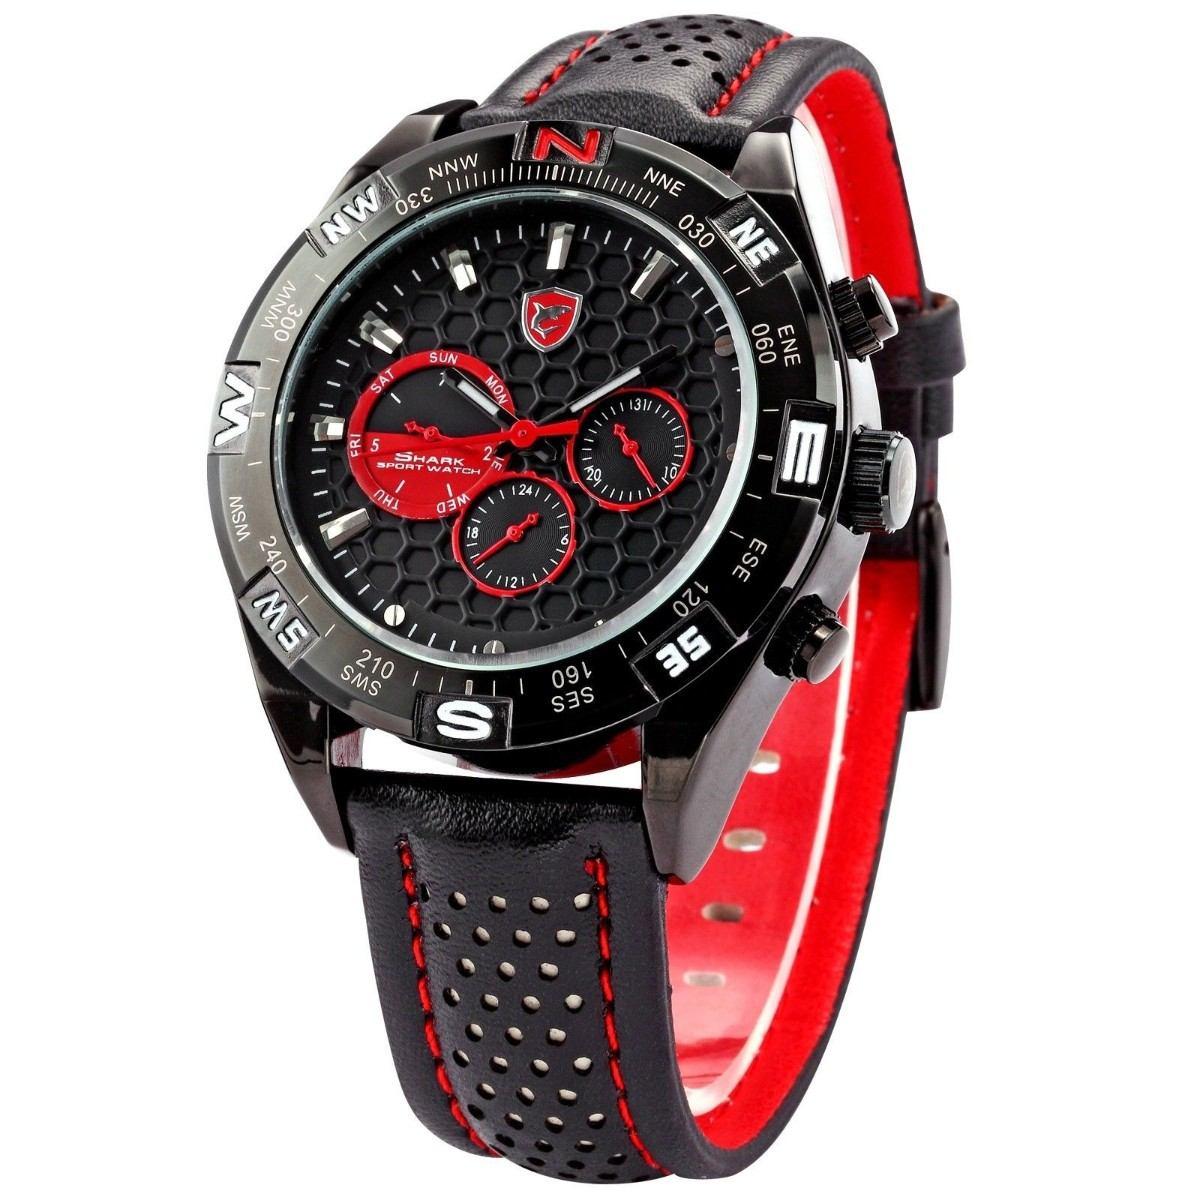 Reloj shark relojes shark reloj para hombres 1 for Relojes de pared antiguos precios